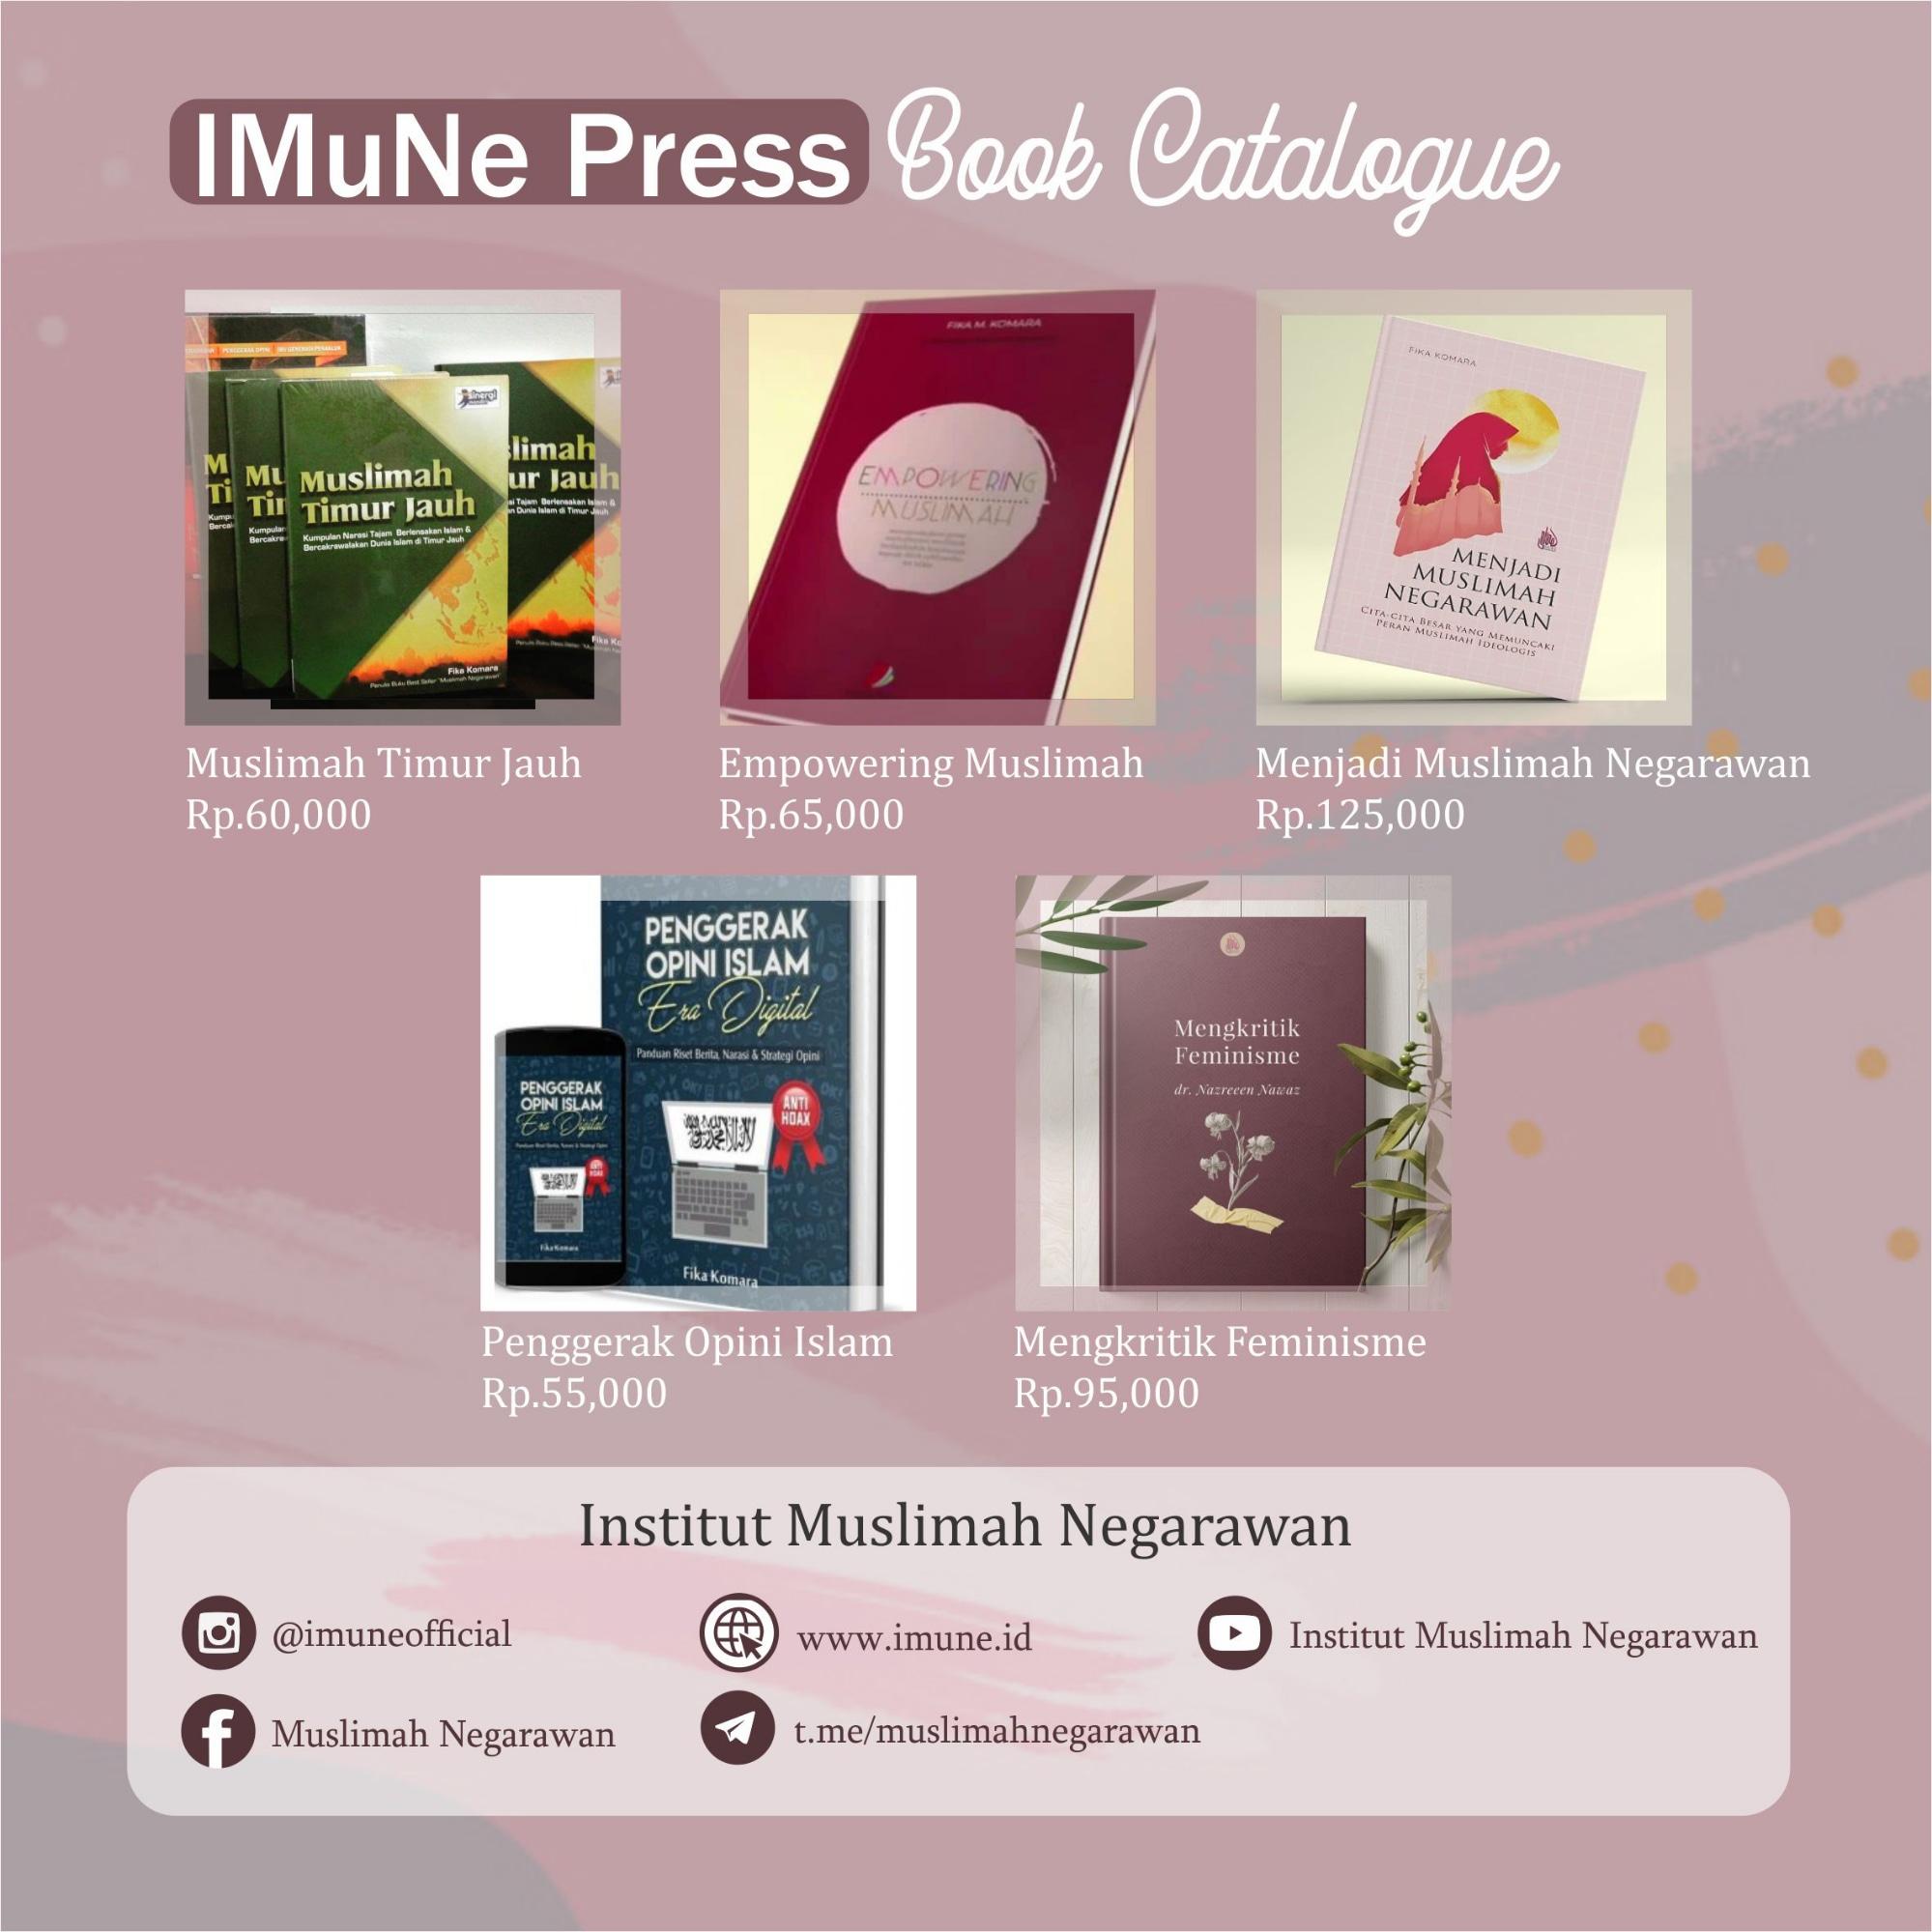 Katalog Buku IMuNe Press